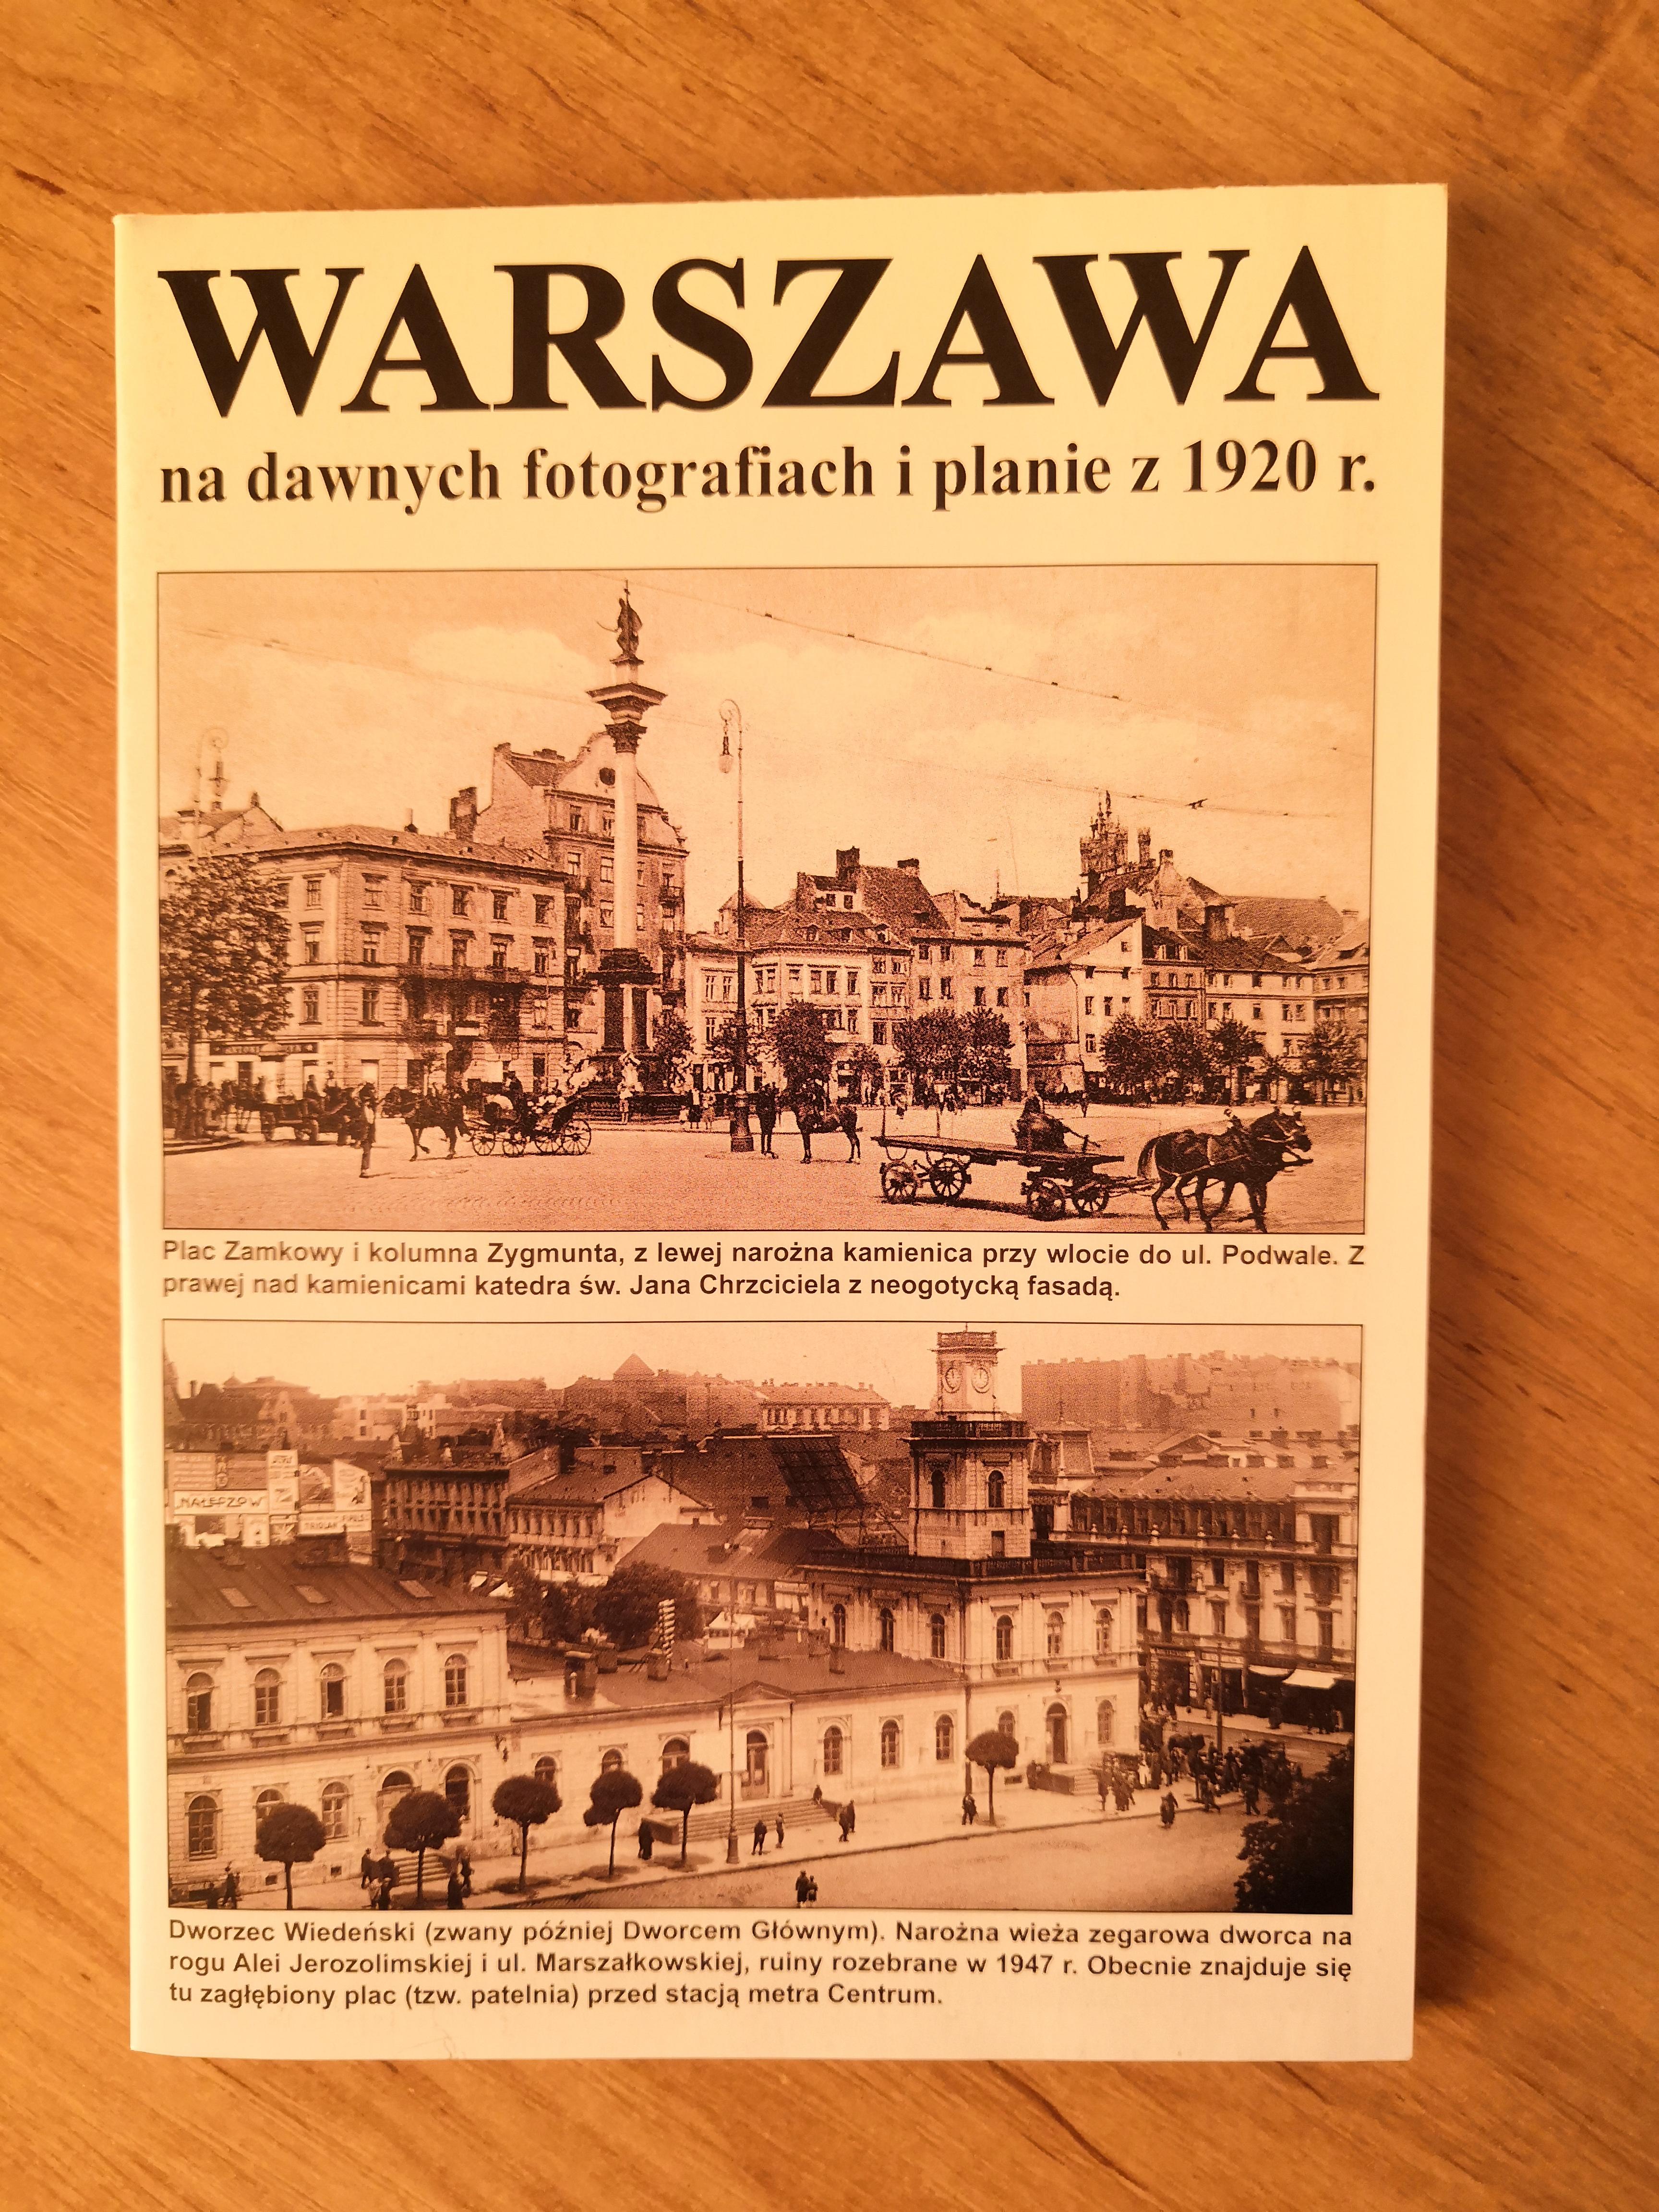 Warszawa na dawnych fotografiach i planie z 1920 r. (J.A.Krawczyk)